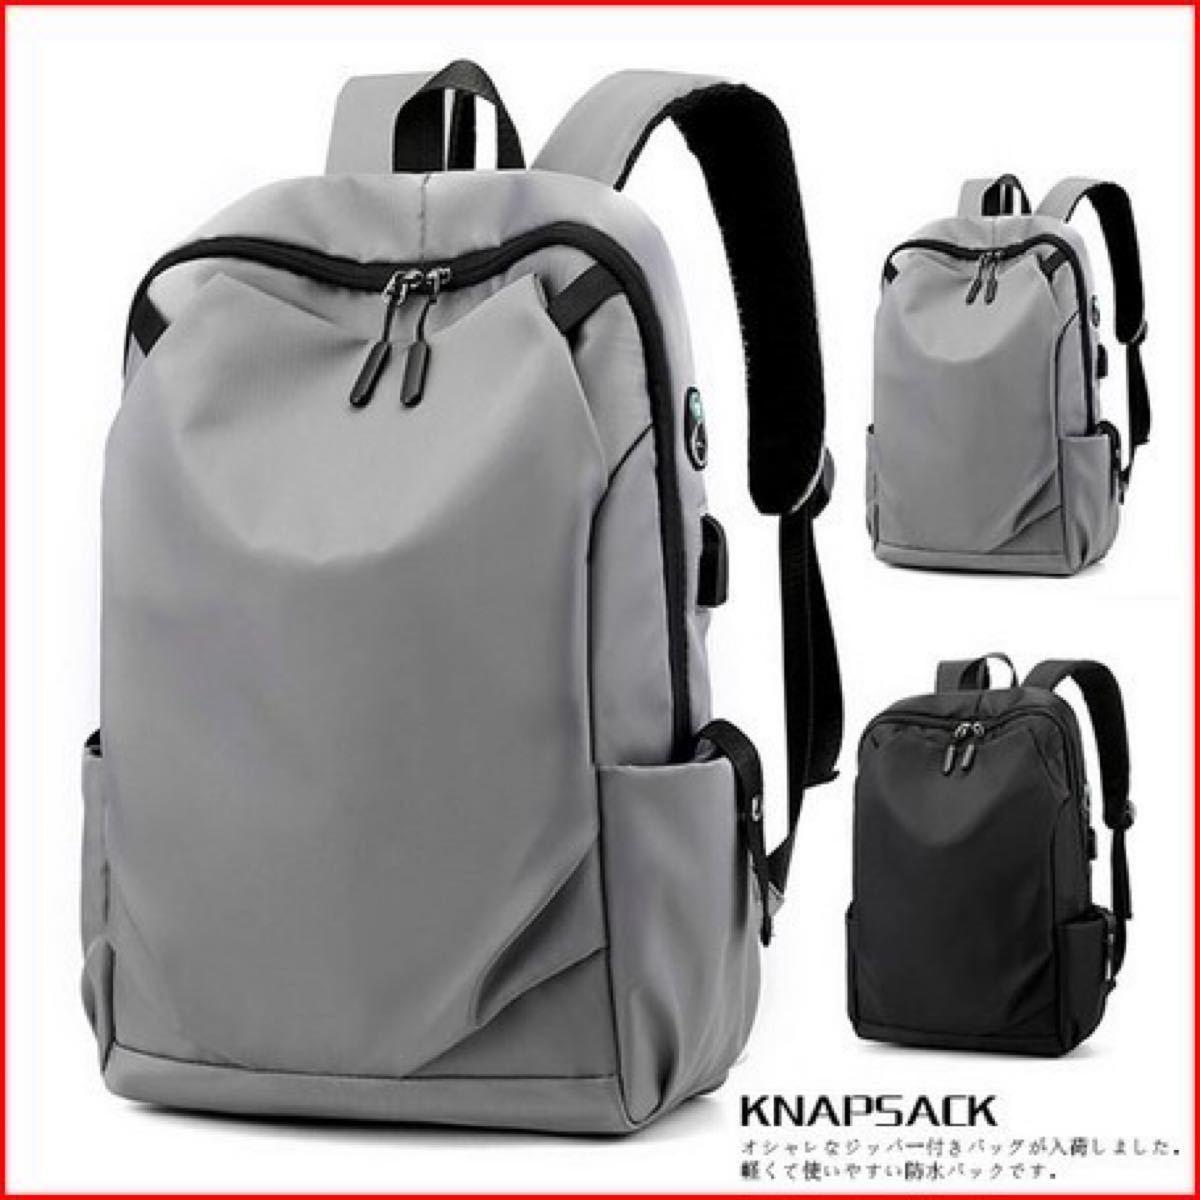 【最終値下げ】リュック バックパック 日常 旅行 通勤 通学 大容量 アウトドア メンズバッグ ビジネスリュック 多機能 男女兼用